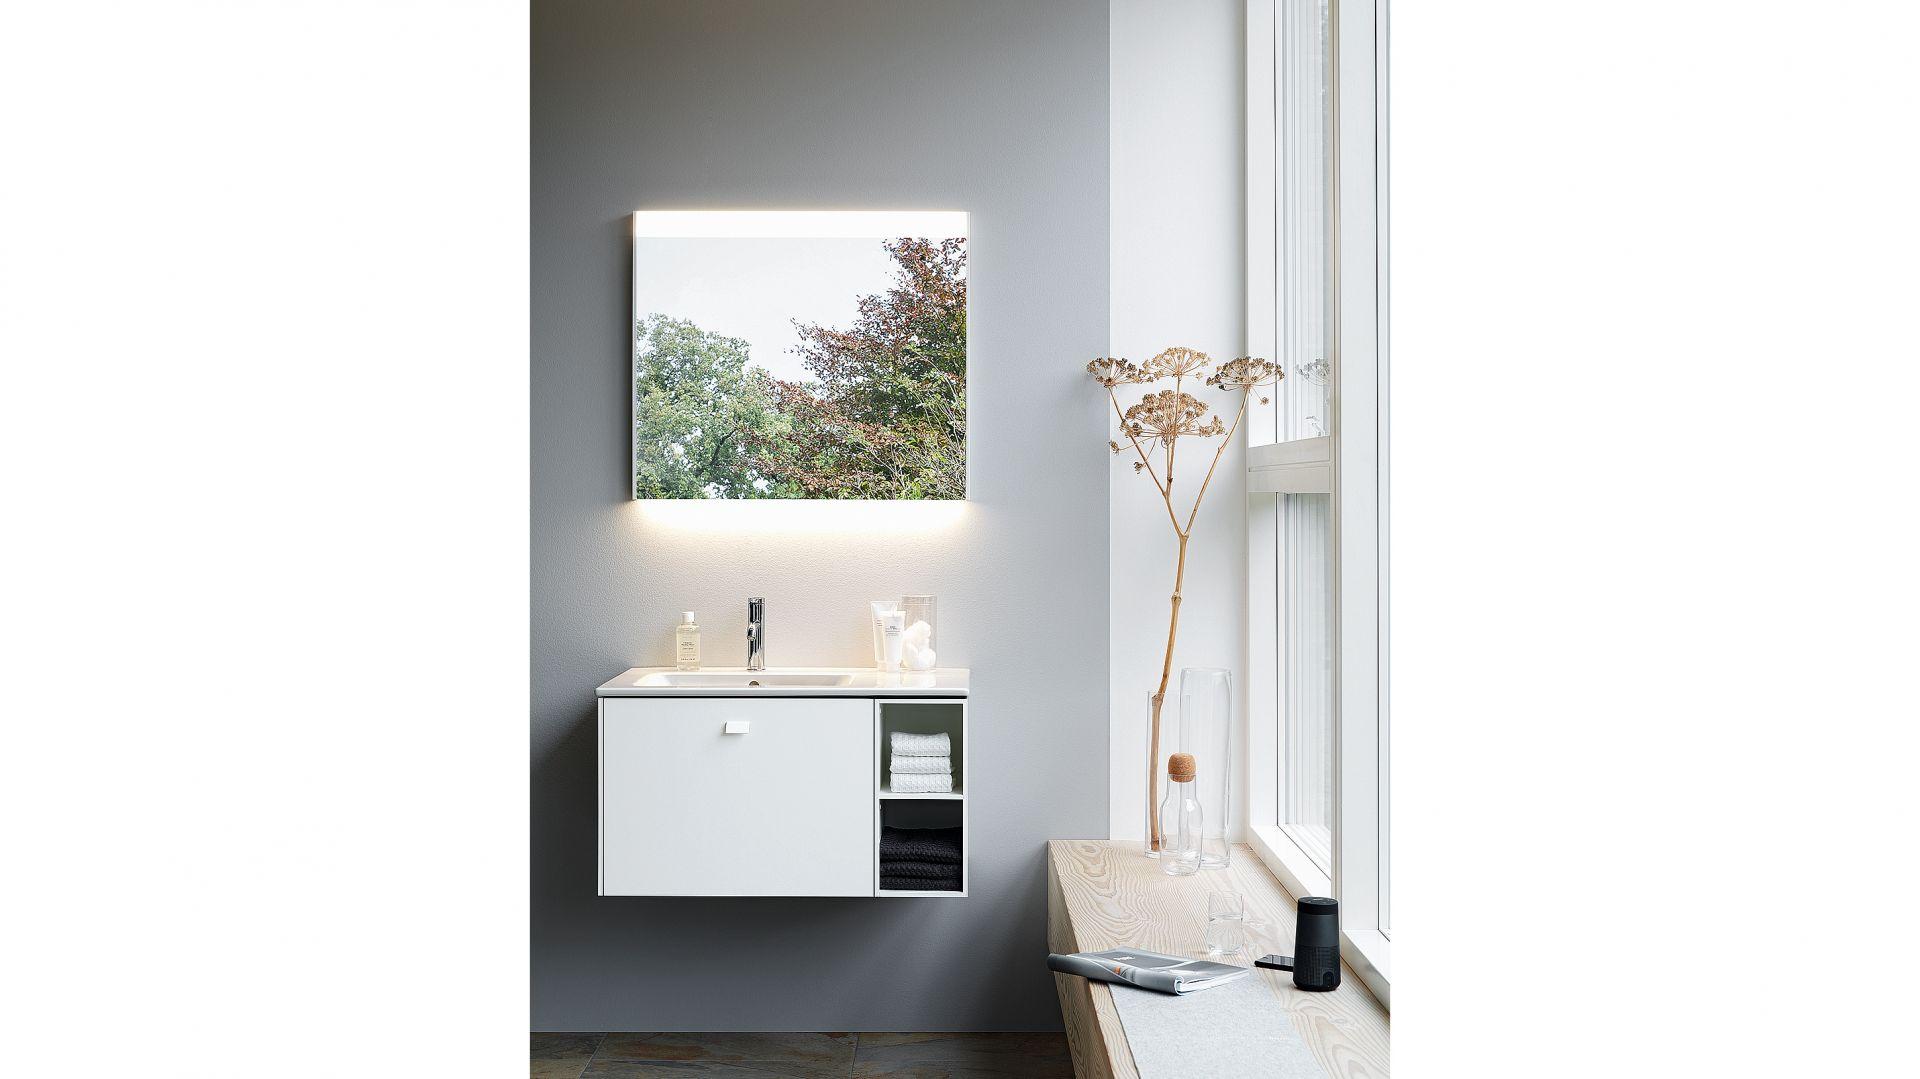 Meble do łazienki z kolekcji Brioso dostępne w ofercie firmy Duravit. Fot. Duravit